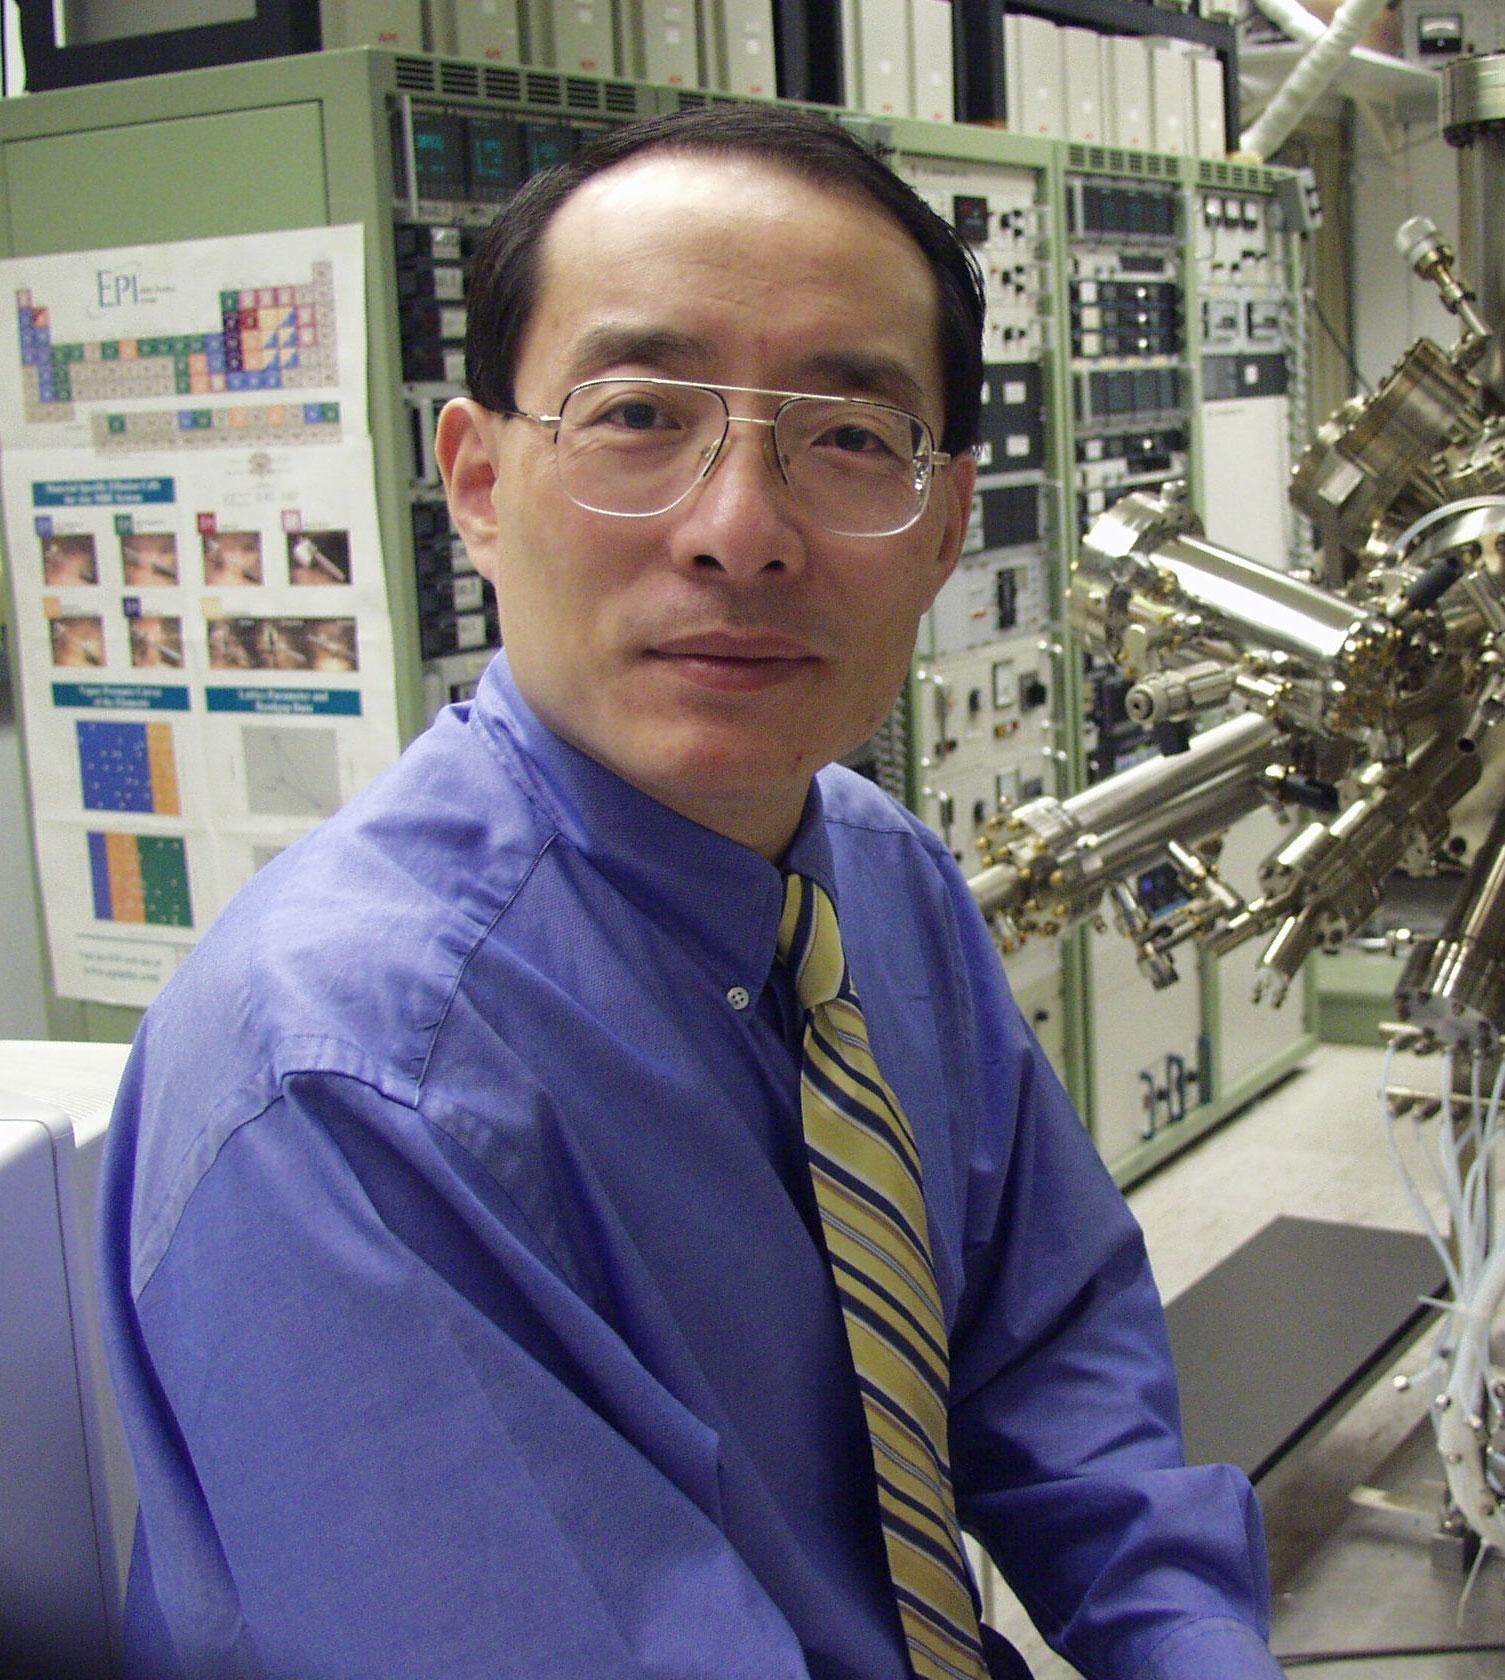 ASU electrical engineering professor Yong-Hang Zhang